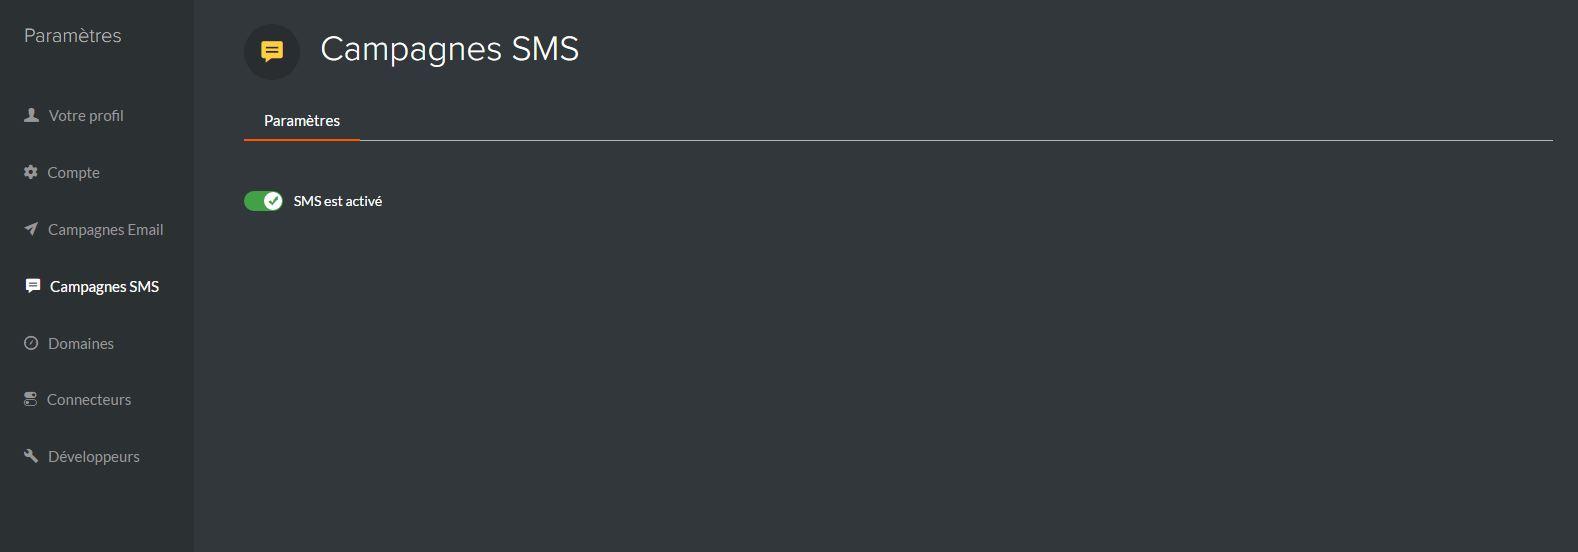 désactivation des campagnes SMS